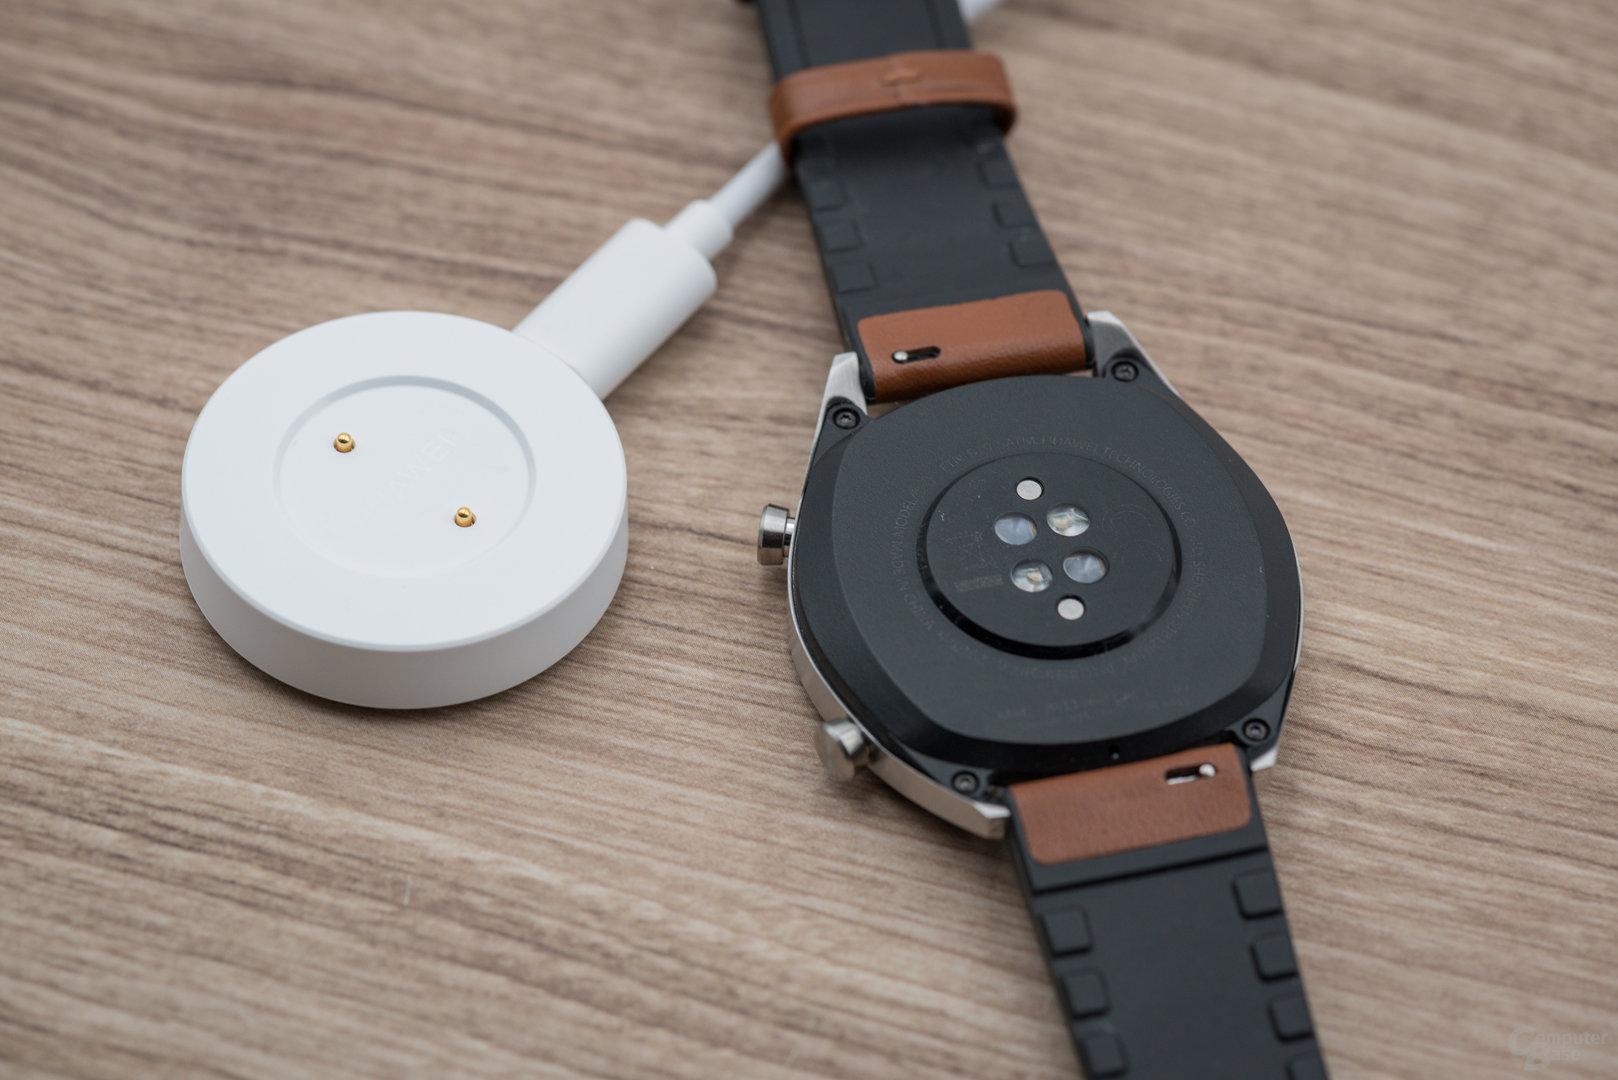 Huawei Watch GT: Lade-Dock